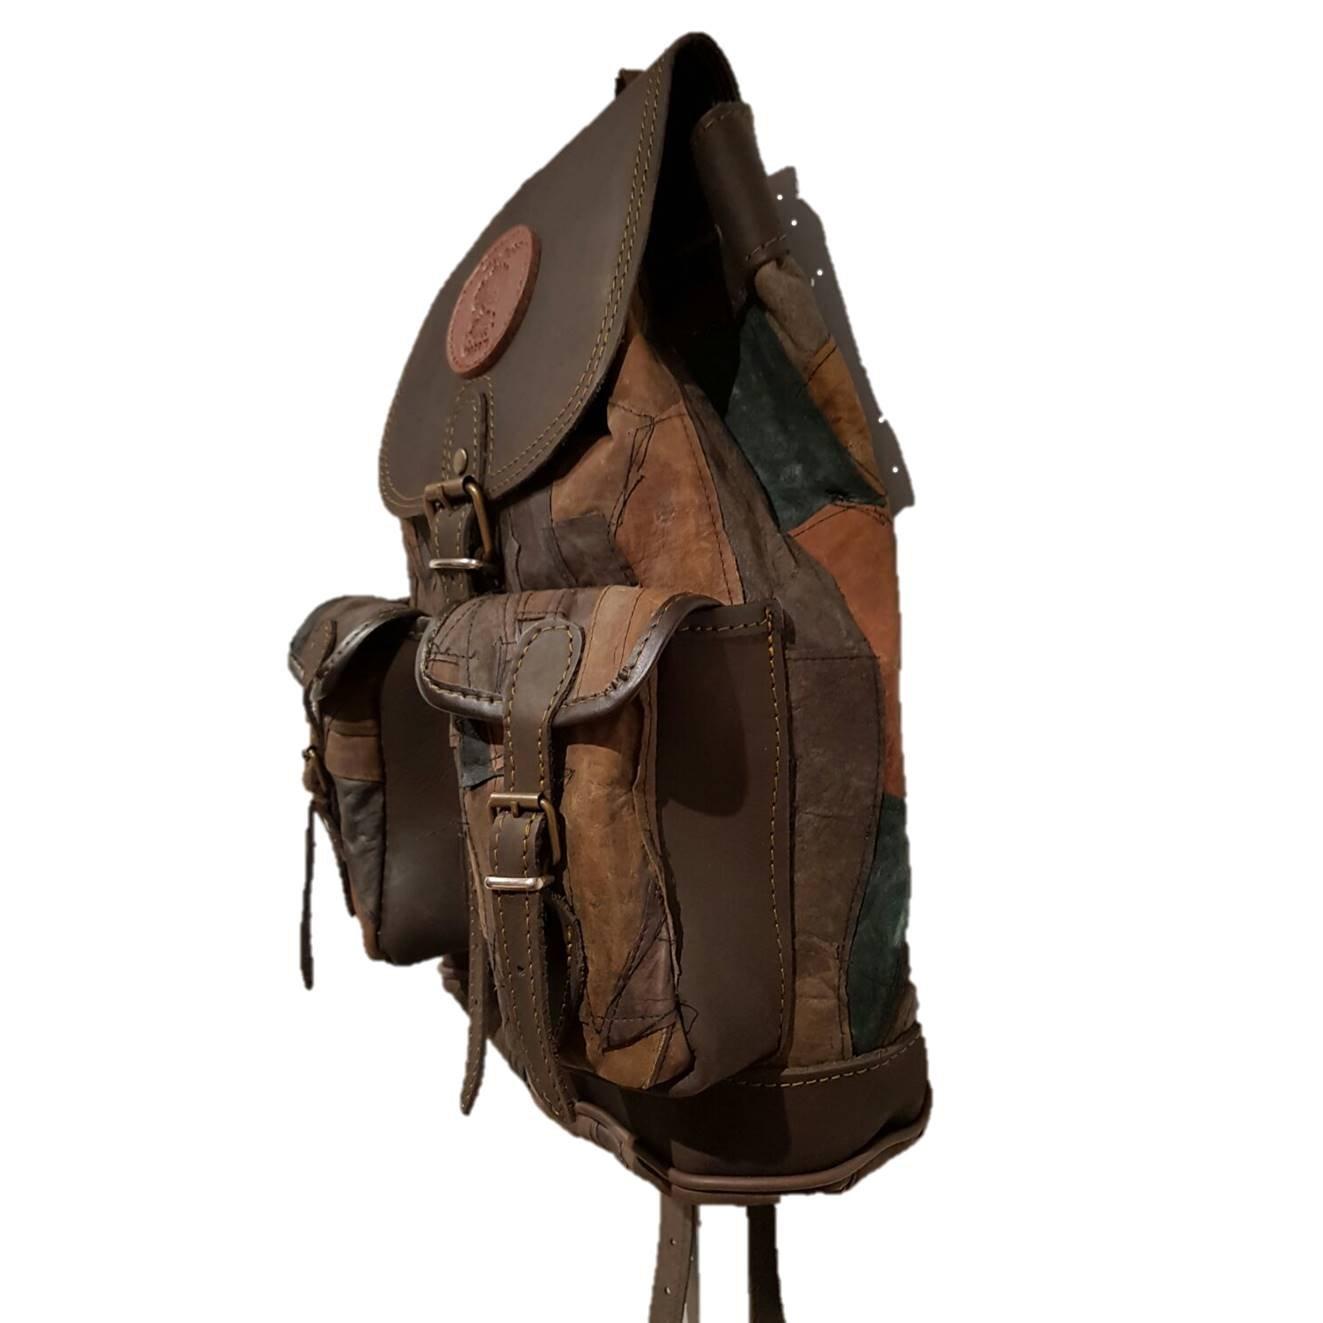 Mochila para Caza Fabricada en Piel Medieval.Medidas 34x32x12: Amazon.es: Deportes y aire libre